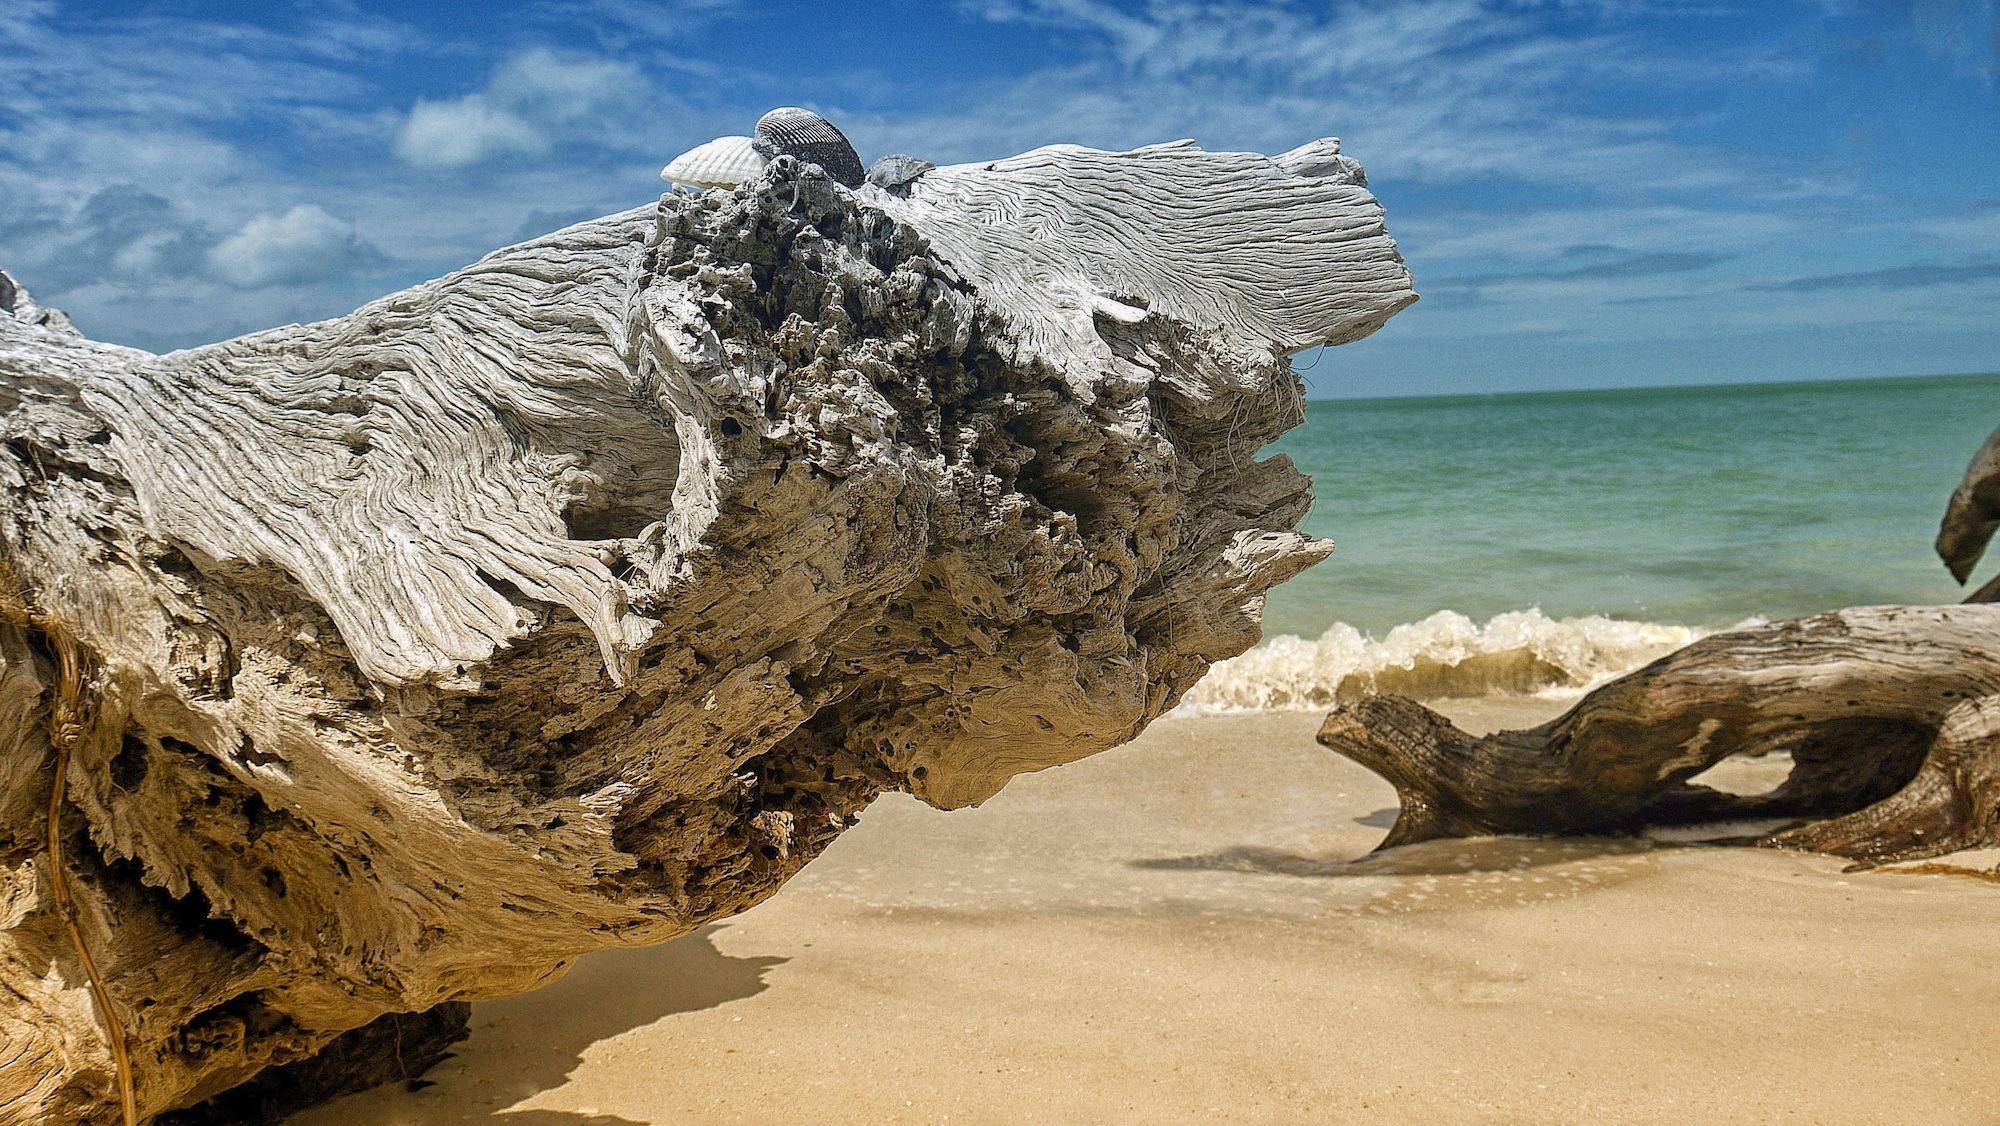 Gulf Coast Rocky Beach